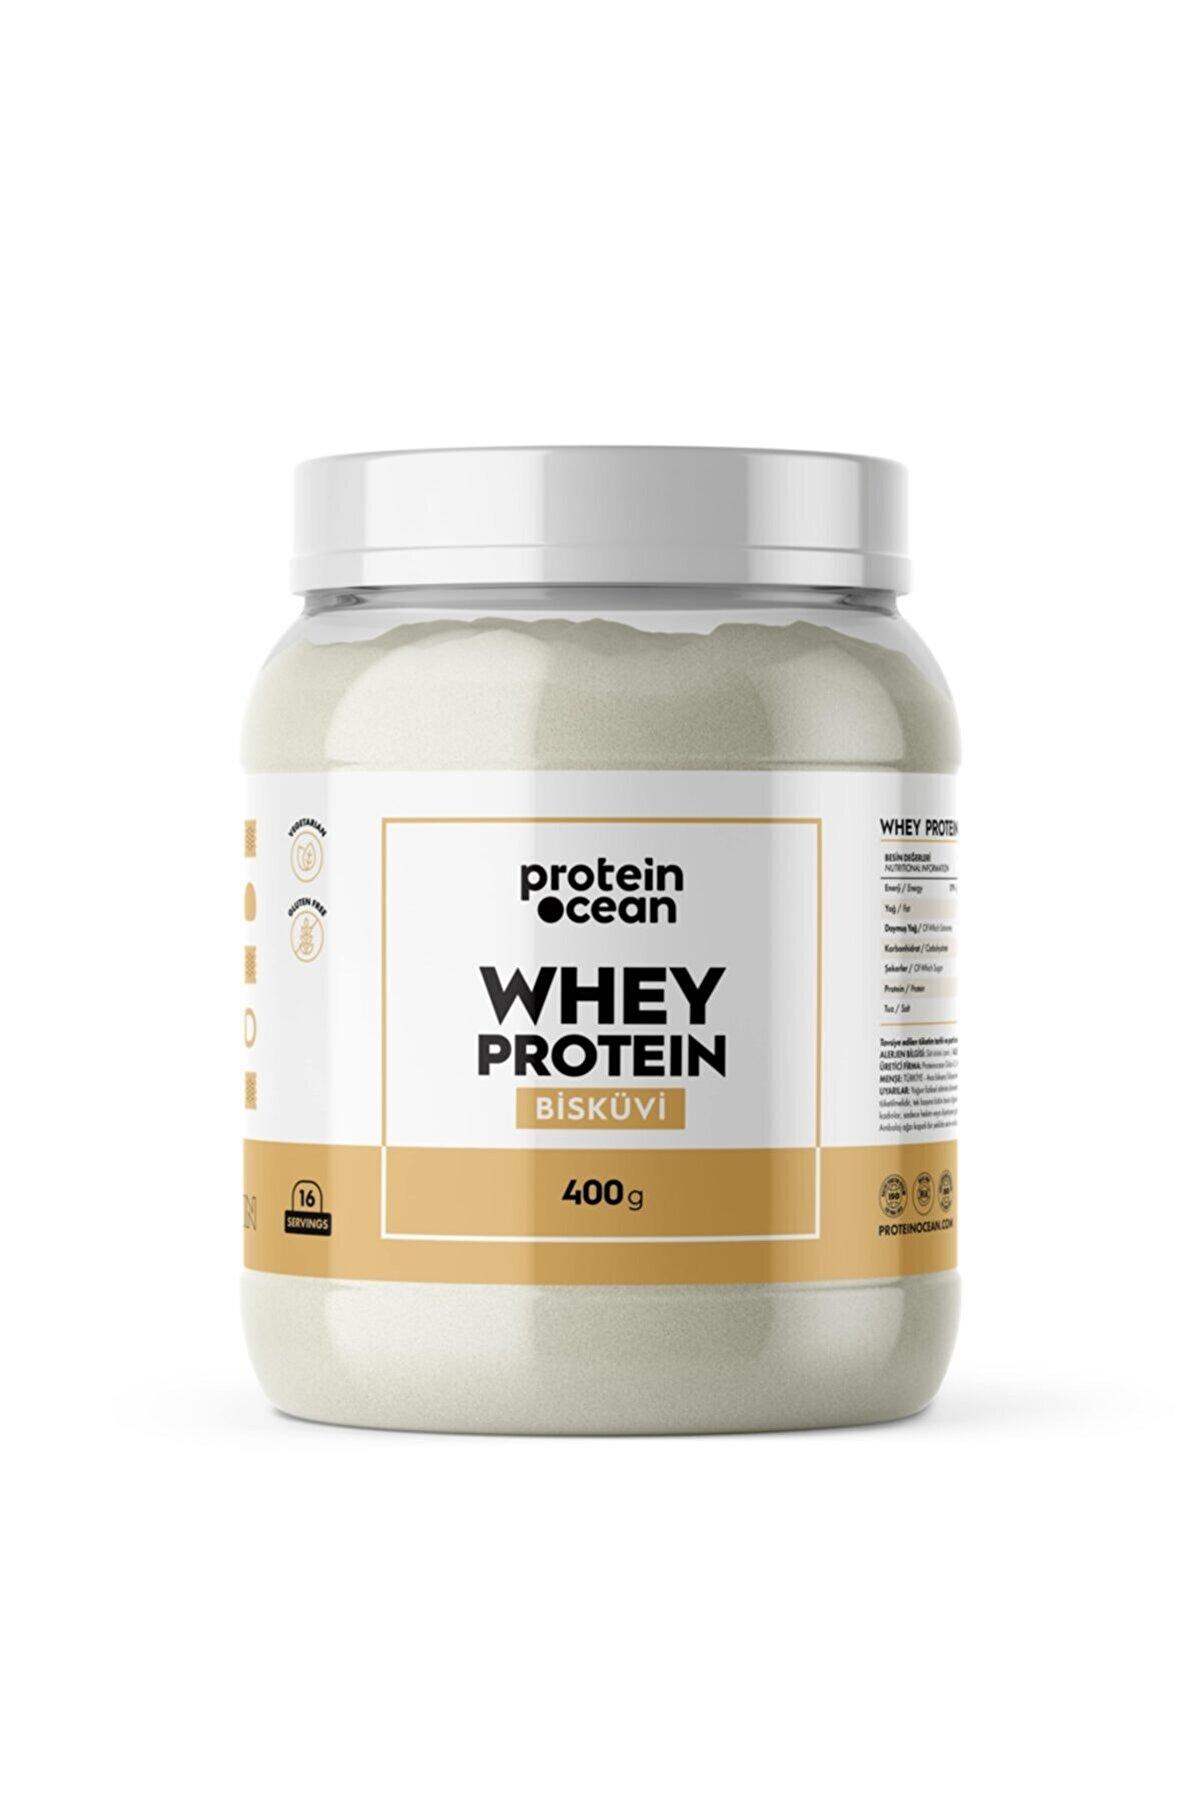 Proteinocean Whey Proteın™ Bisküvi 400 g